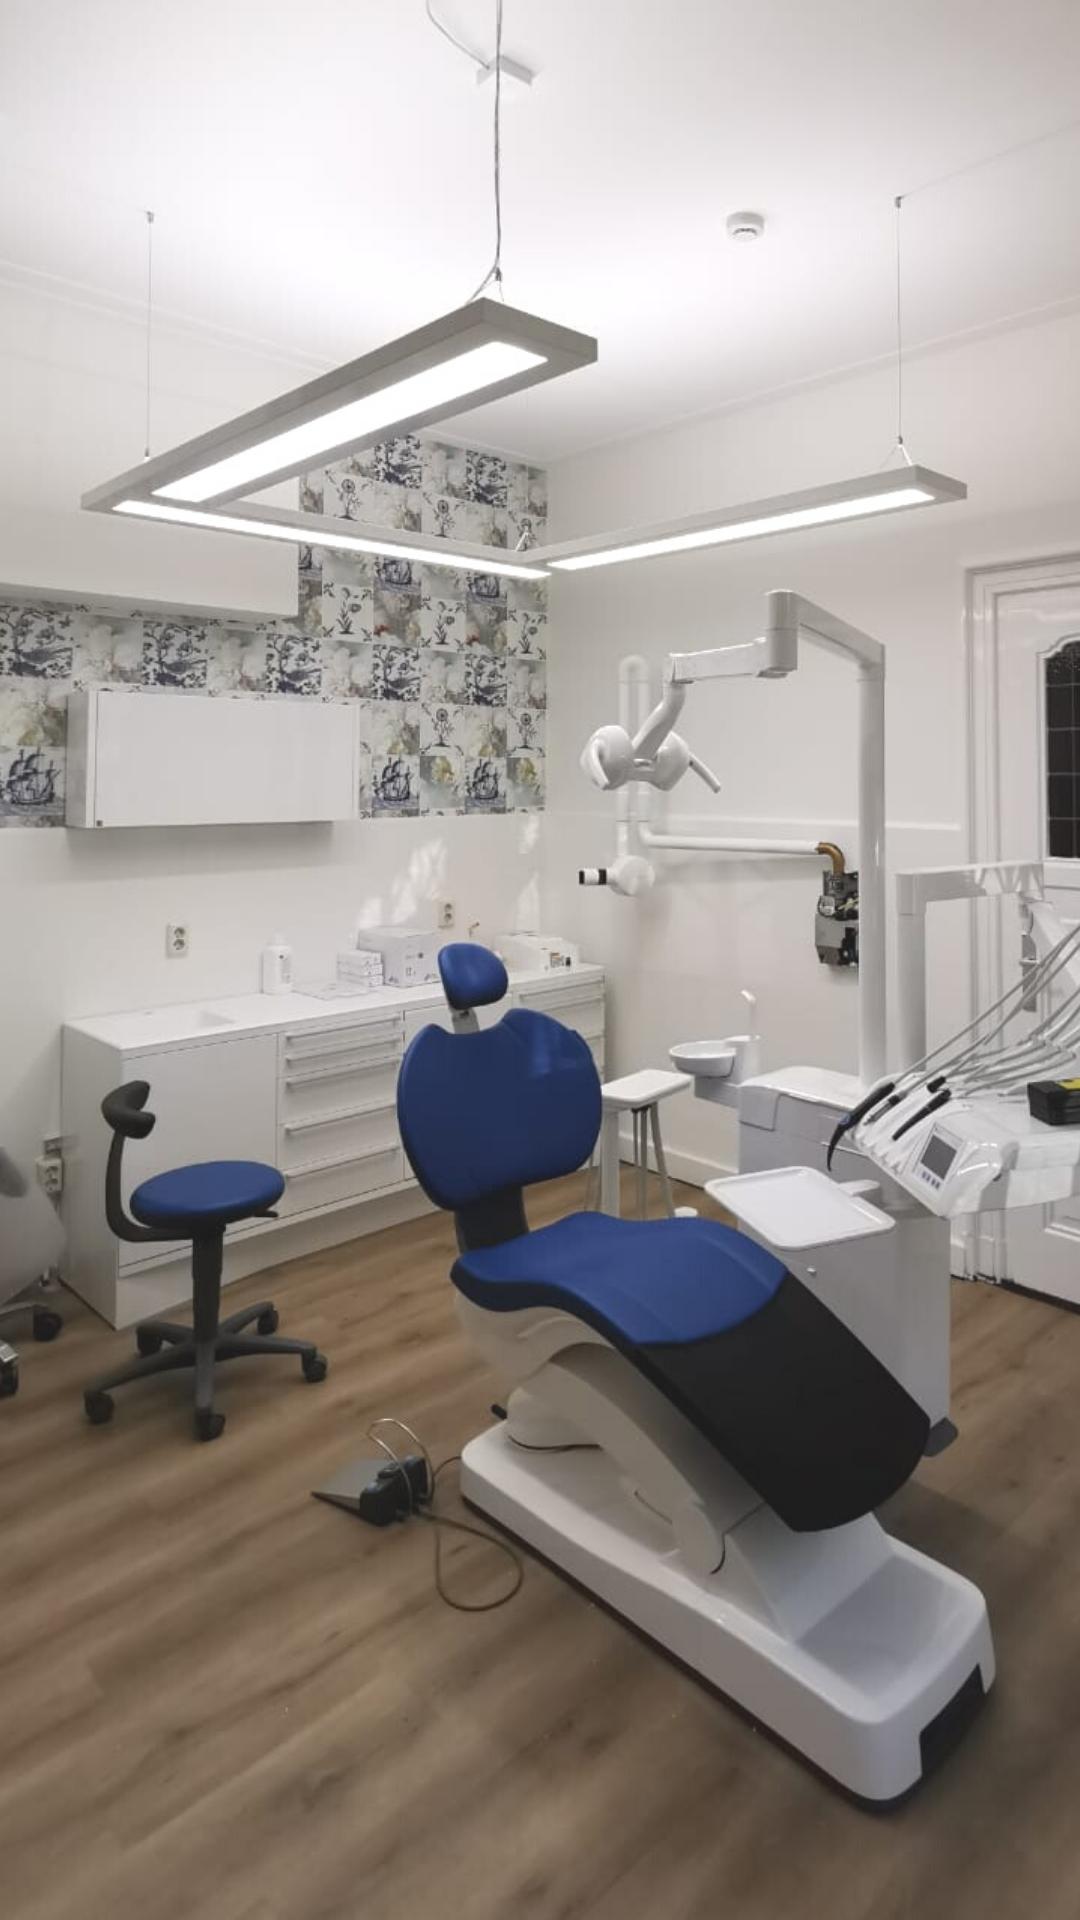 PVU U-Form Vollspektum-Tageslicht LED direkt / indirekt Dentled